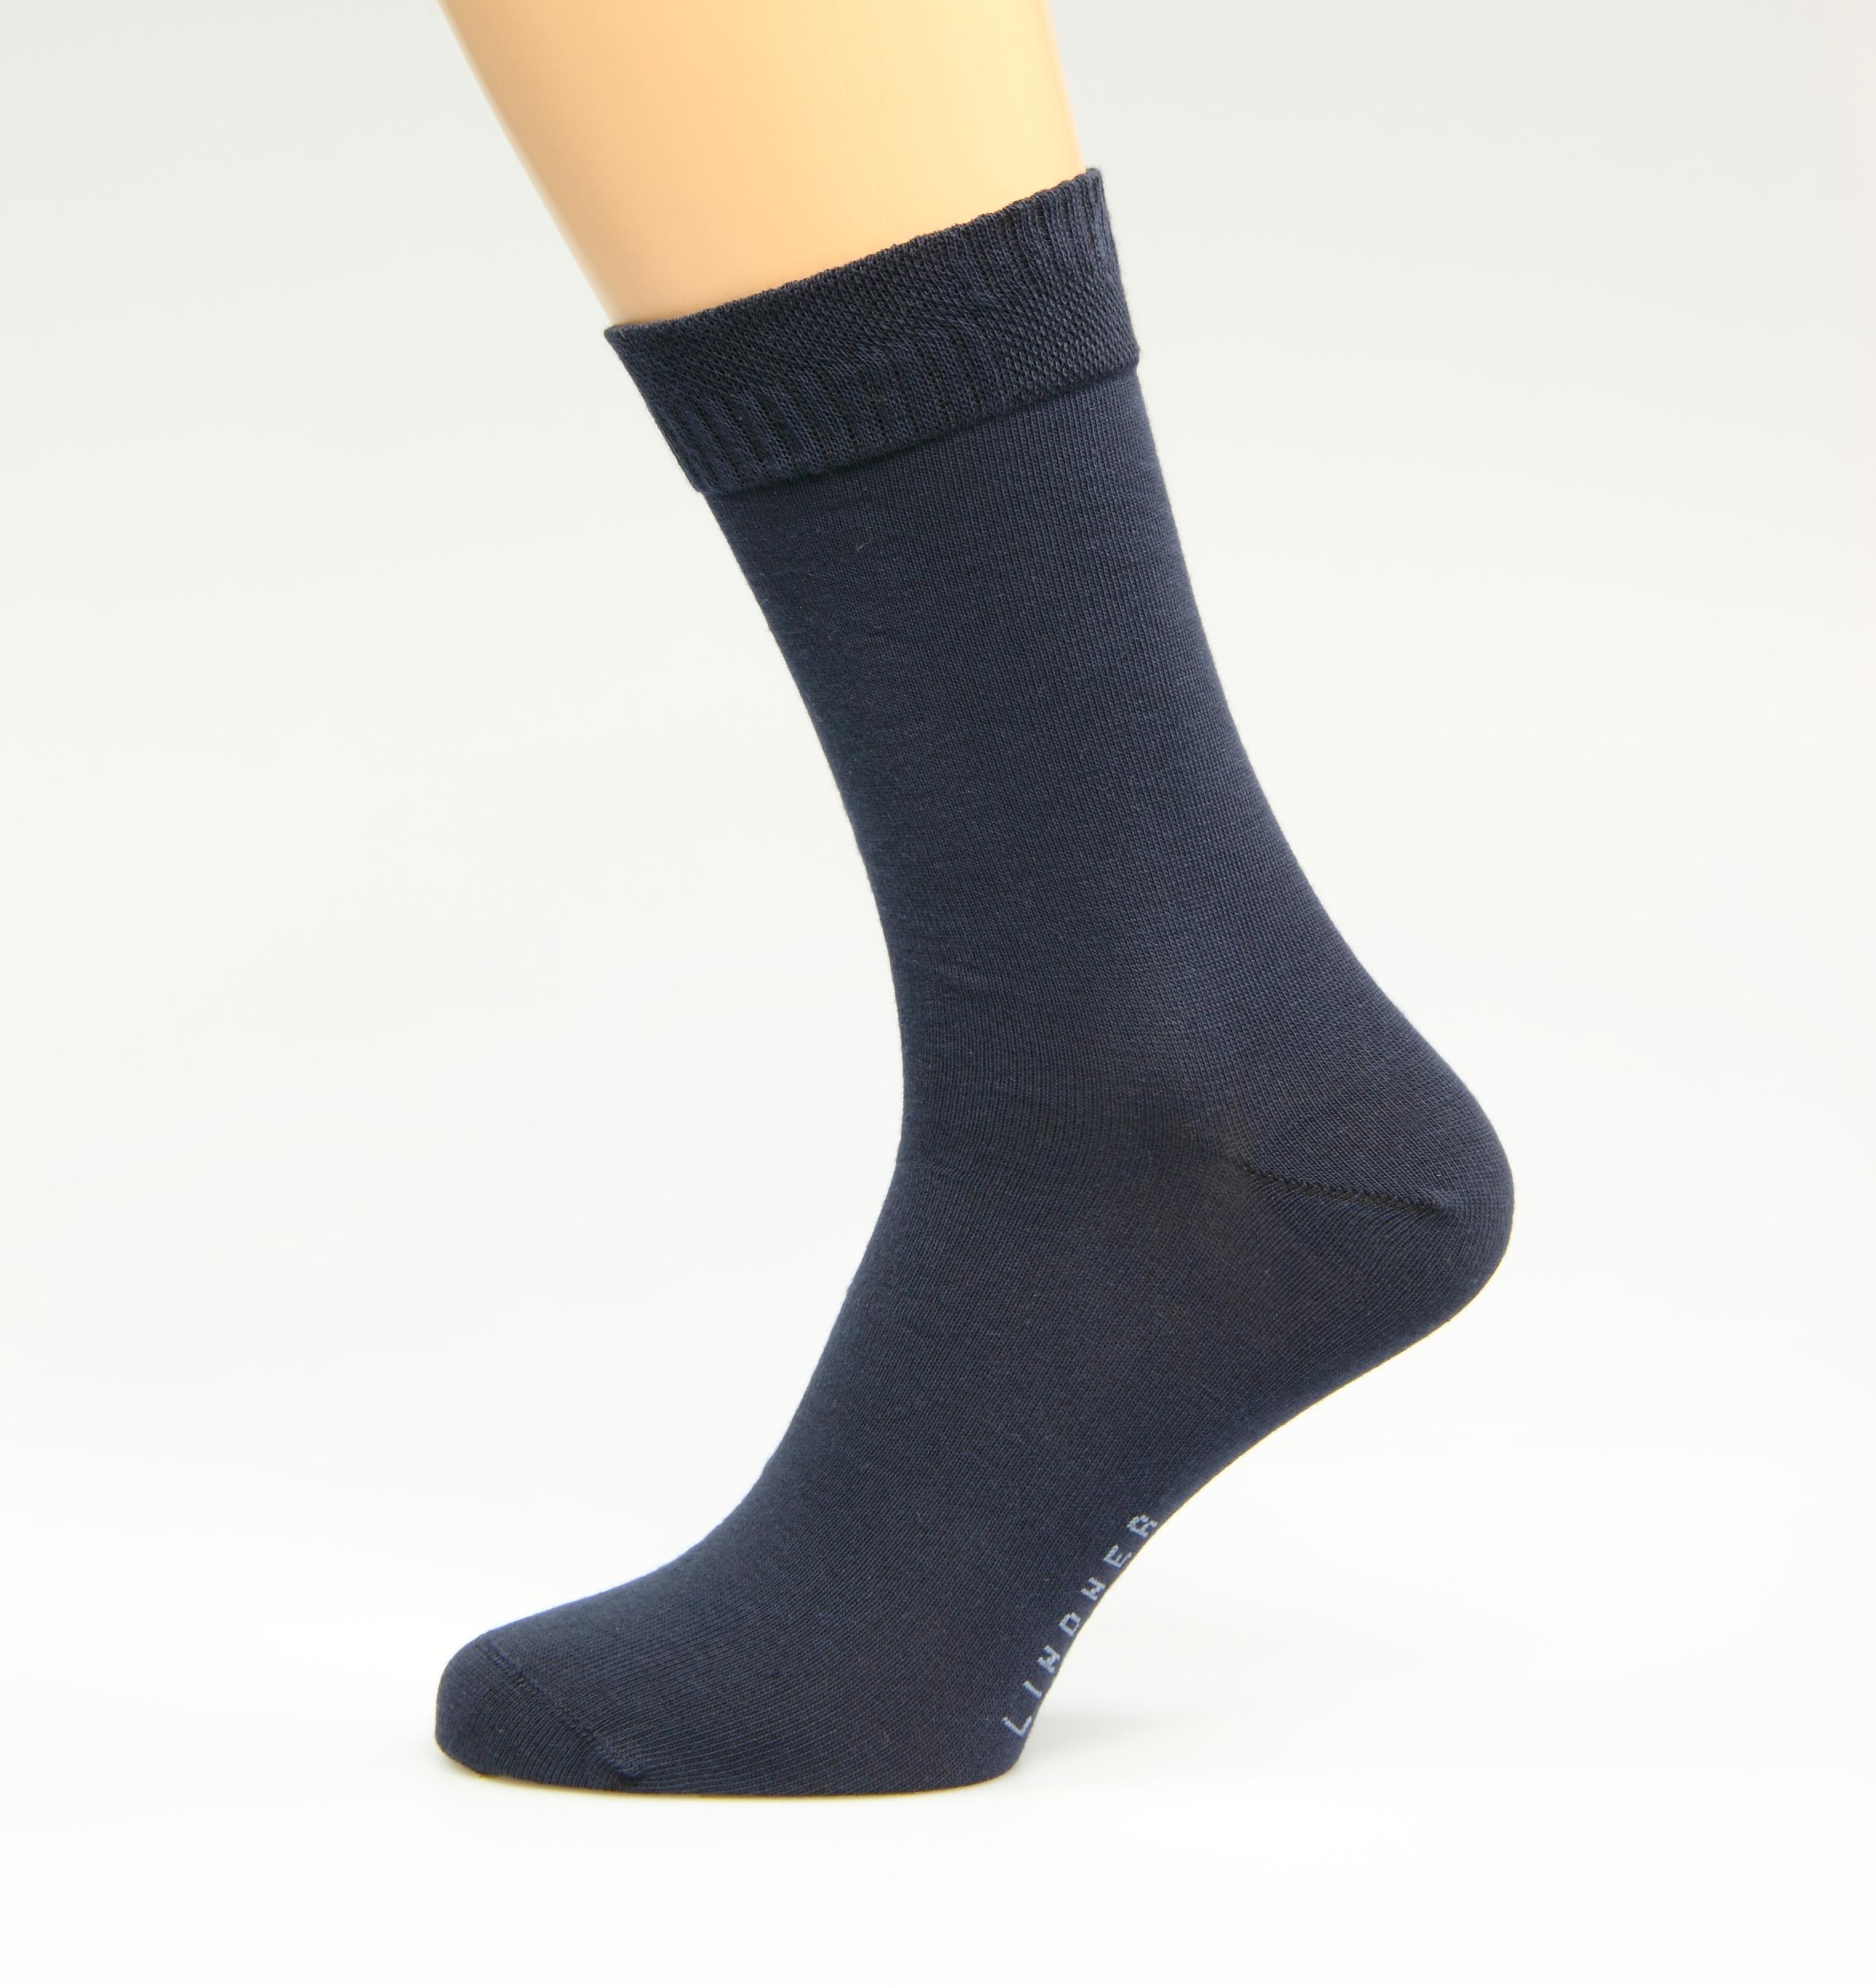 Diabetiker-Socken-blau-Gr-sse-36-38